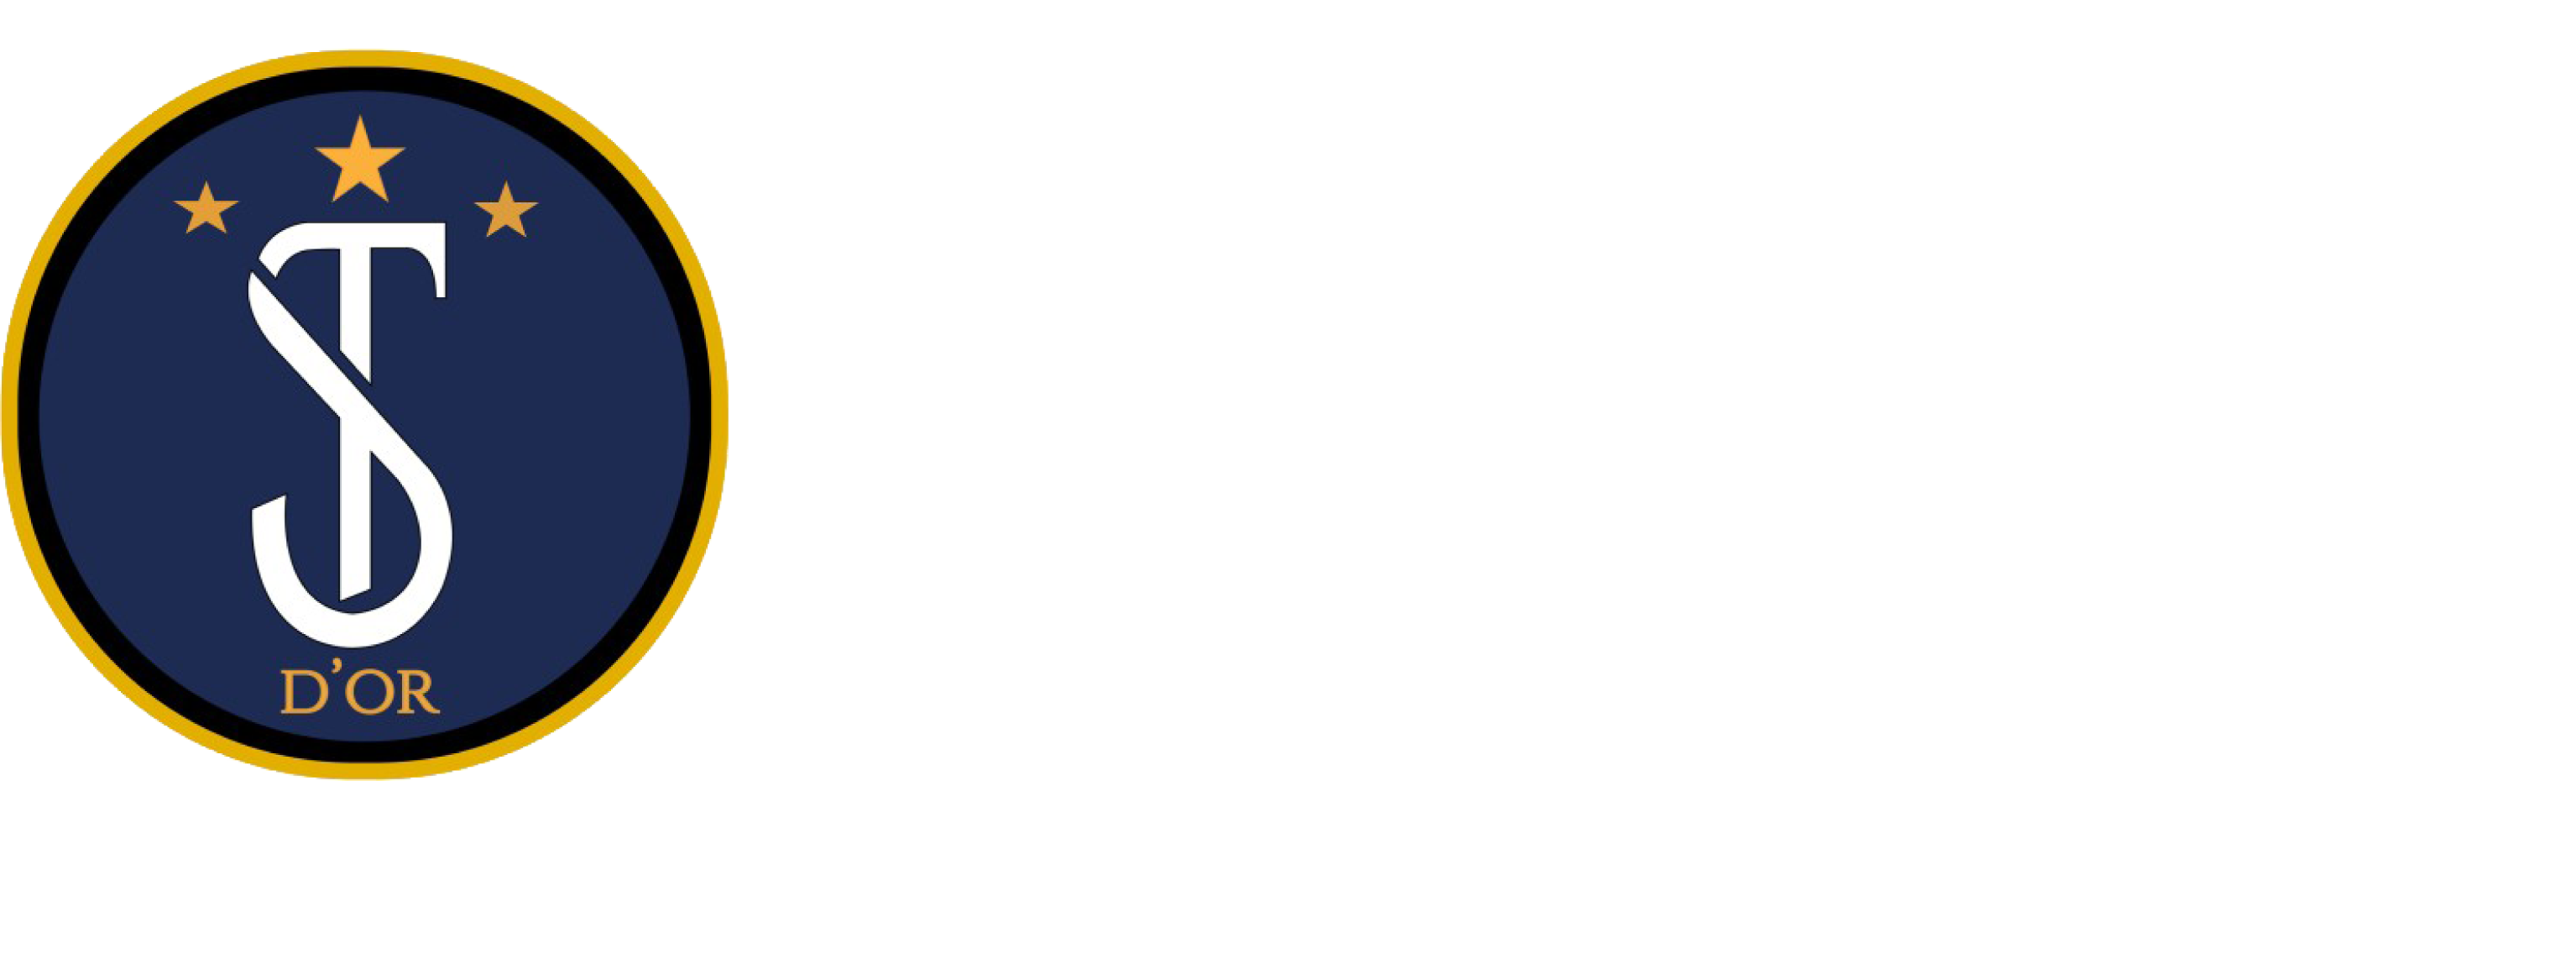 豊田市でサッカー教室ならサッカースクールSTD'OR FC